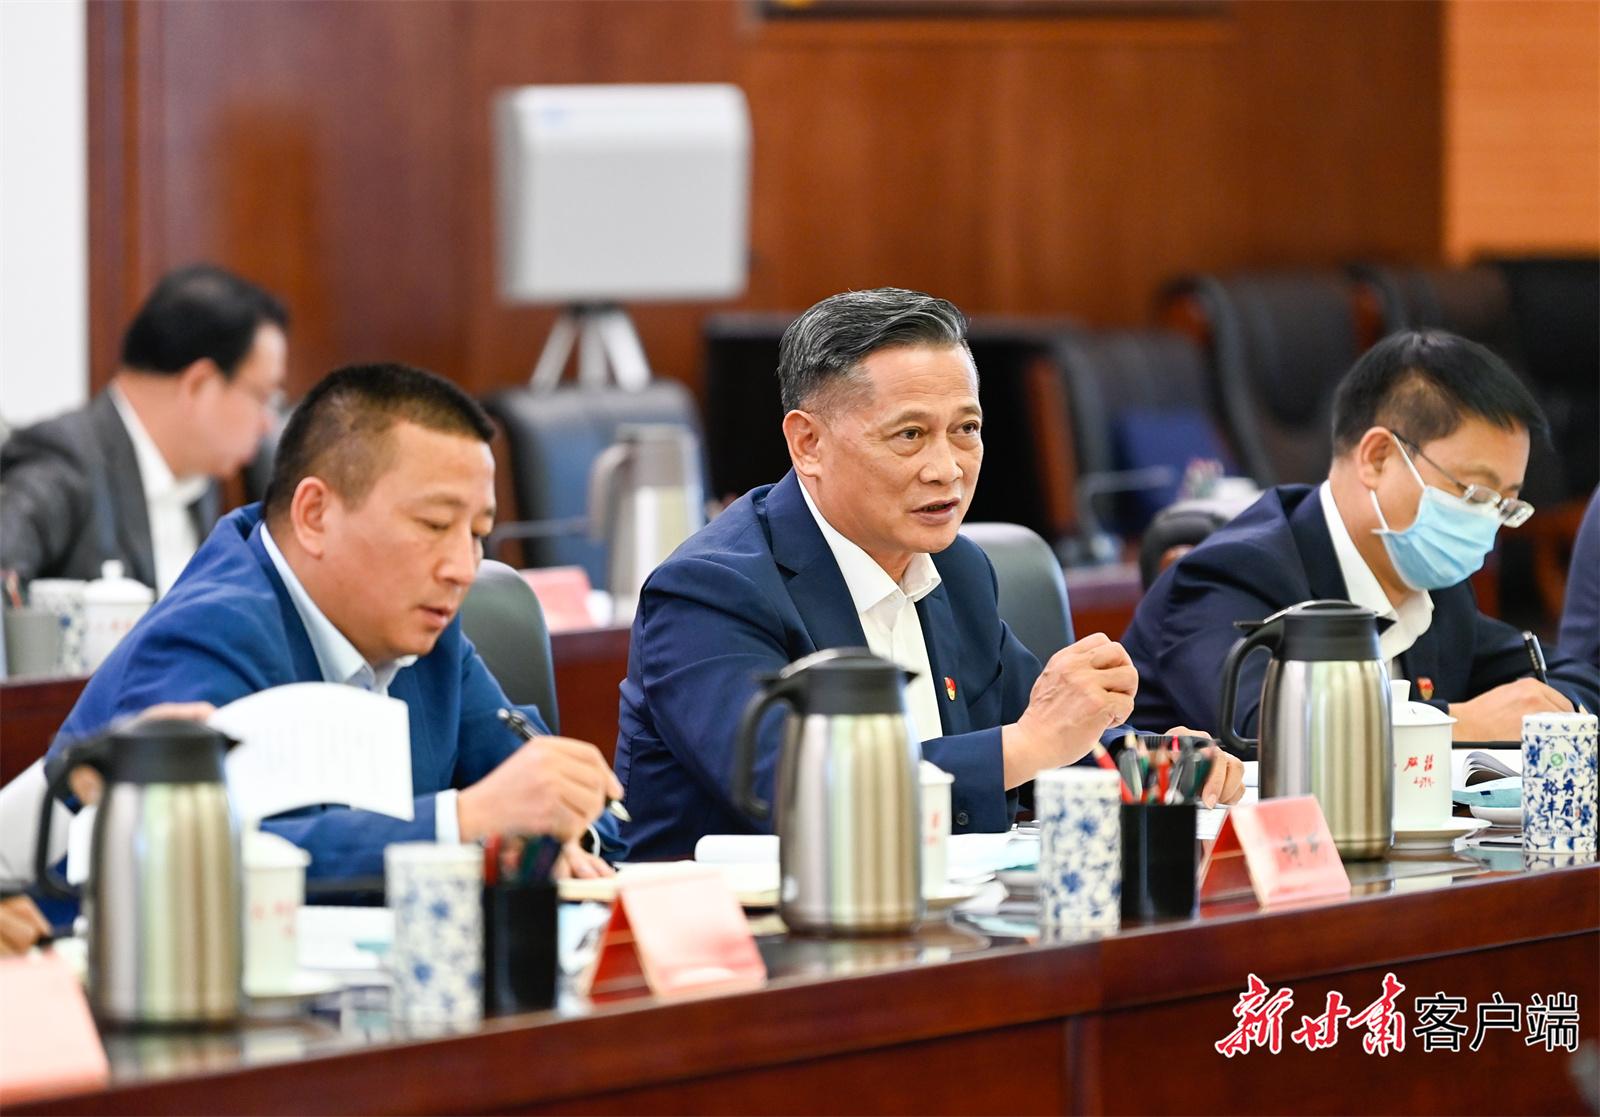 兰高阀董事长陈清流参加省委营商环境工作座谈会并发言